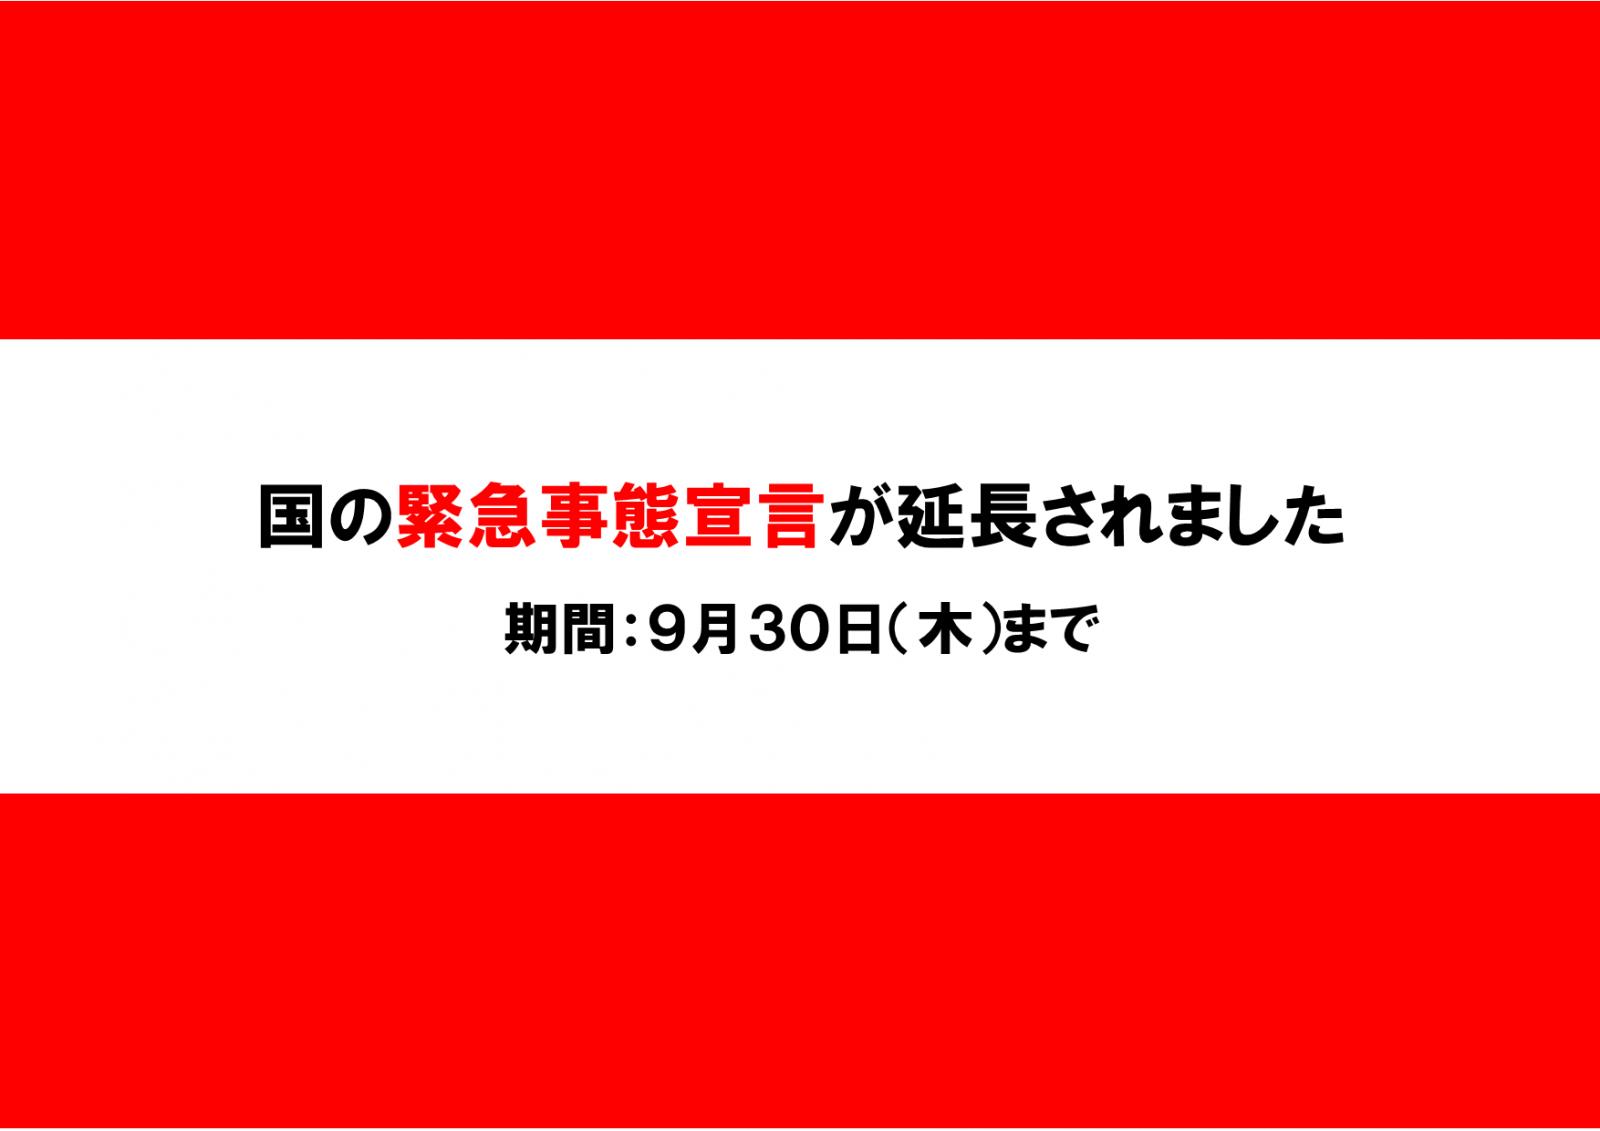 緊急事態宣言延長30日まで